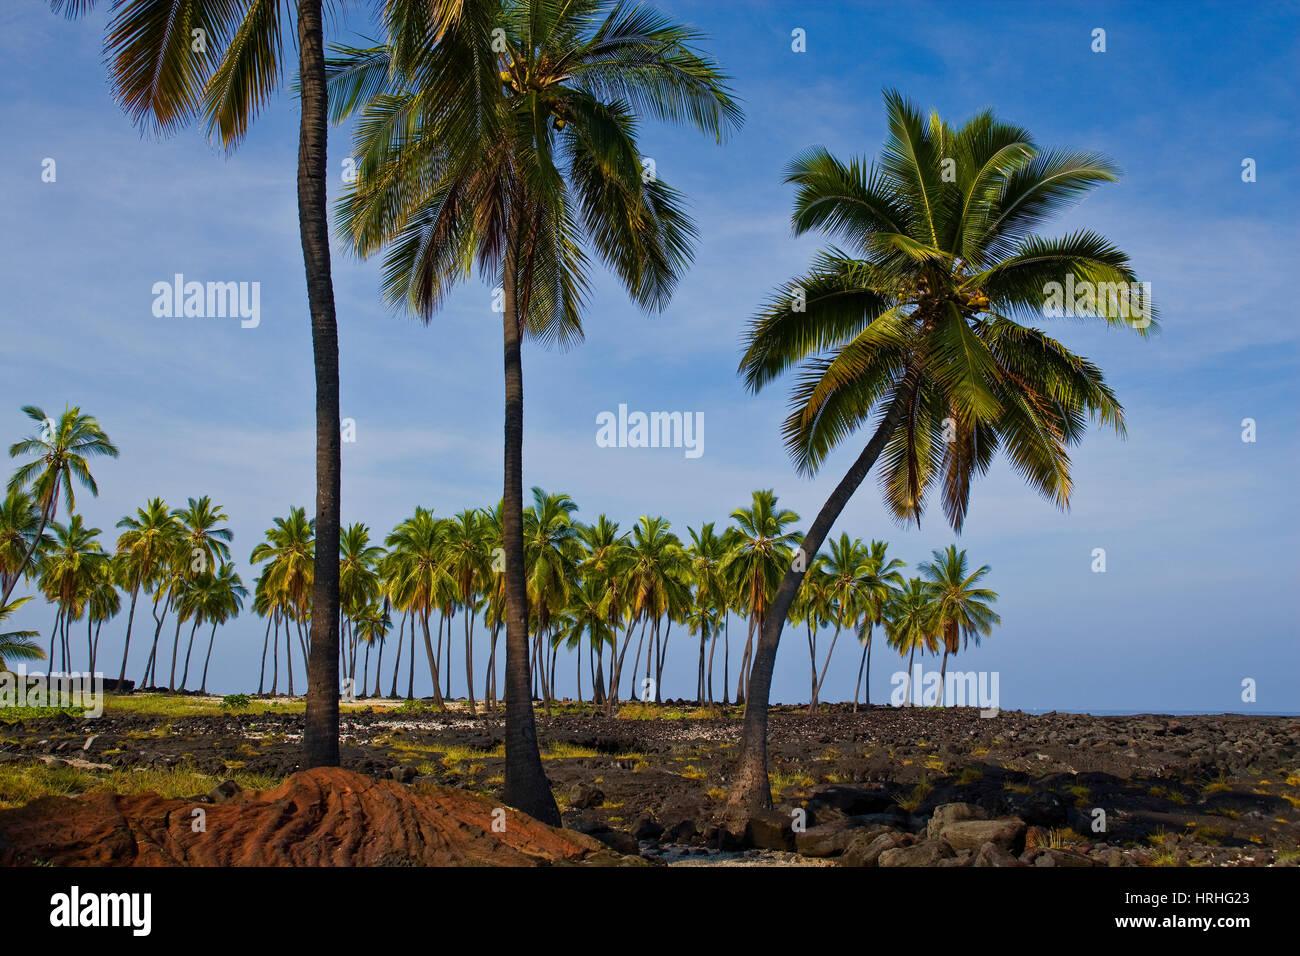 Palm trees at Pu'uhonua o Honaunau Big Island, Hawaii, USA - Stock Image